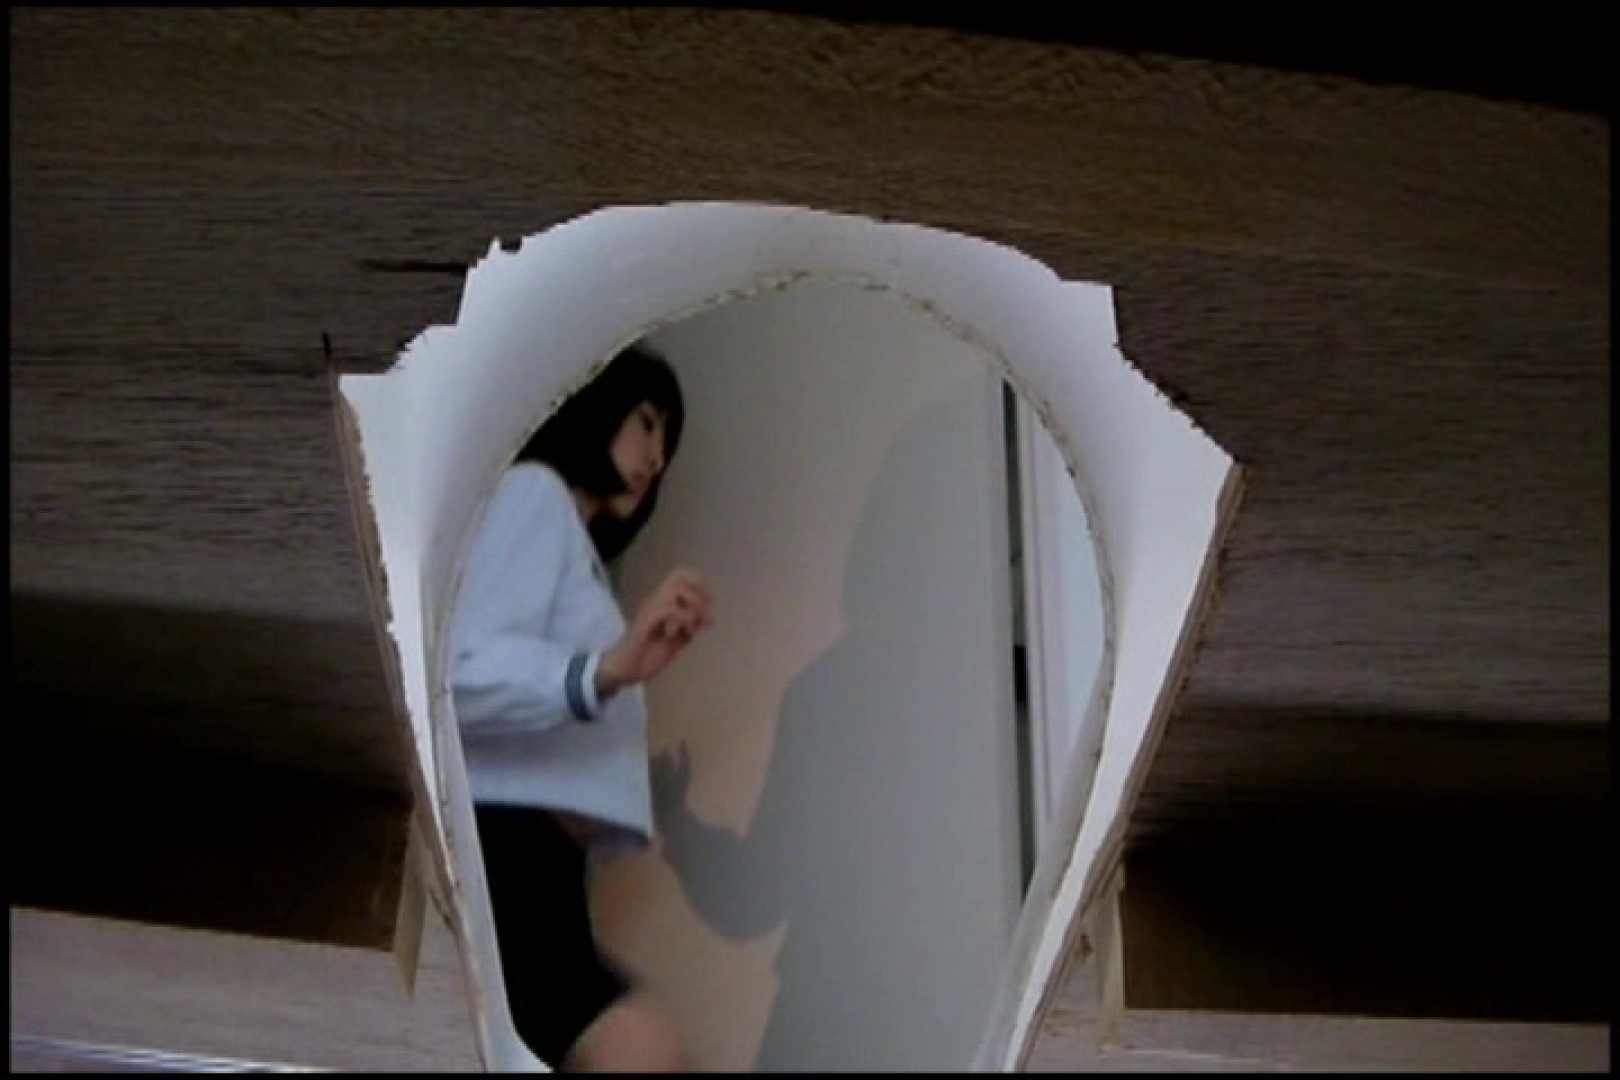 和式にまたがる女たちを待ちうけるカメラの衝撃映像vol.04 和式 スケベ動画紹介 11枚 9